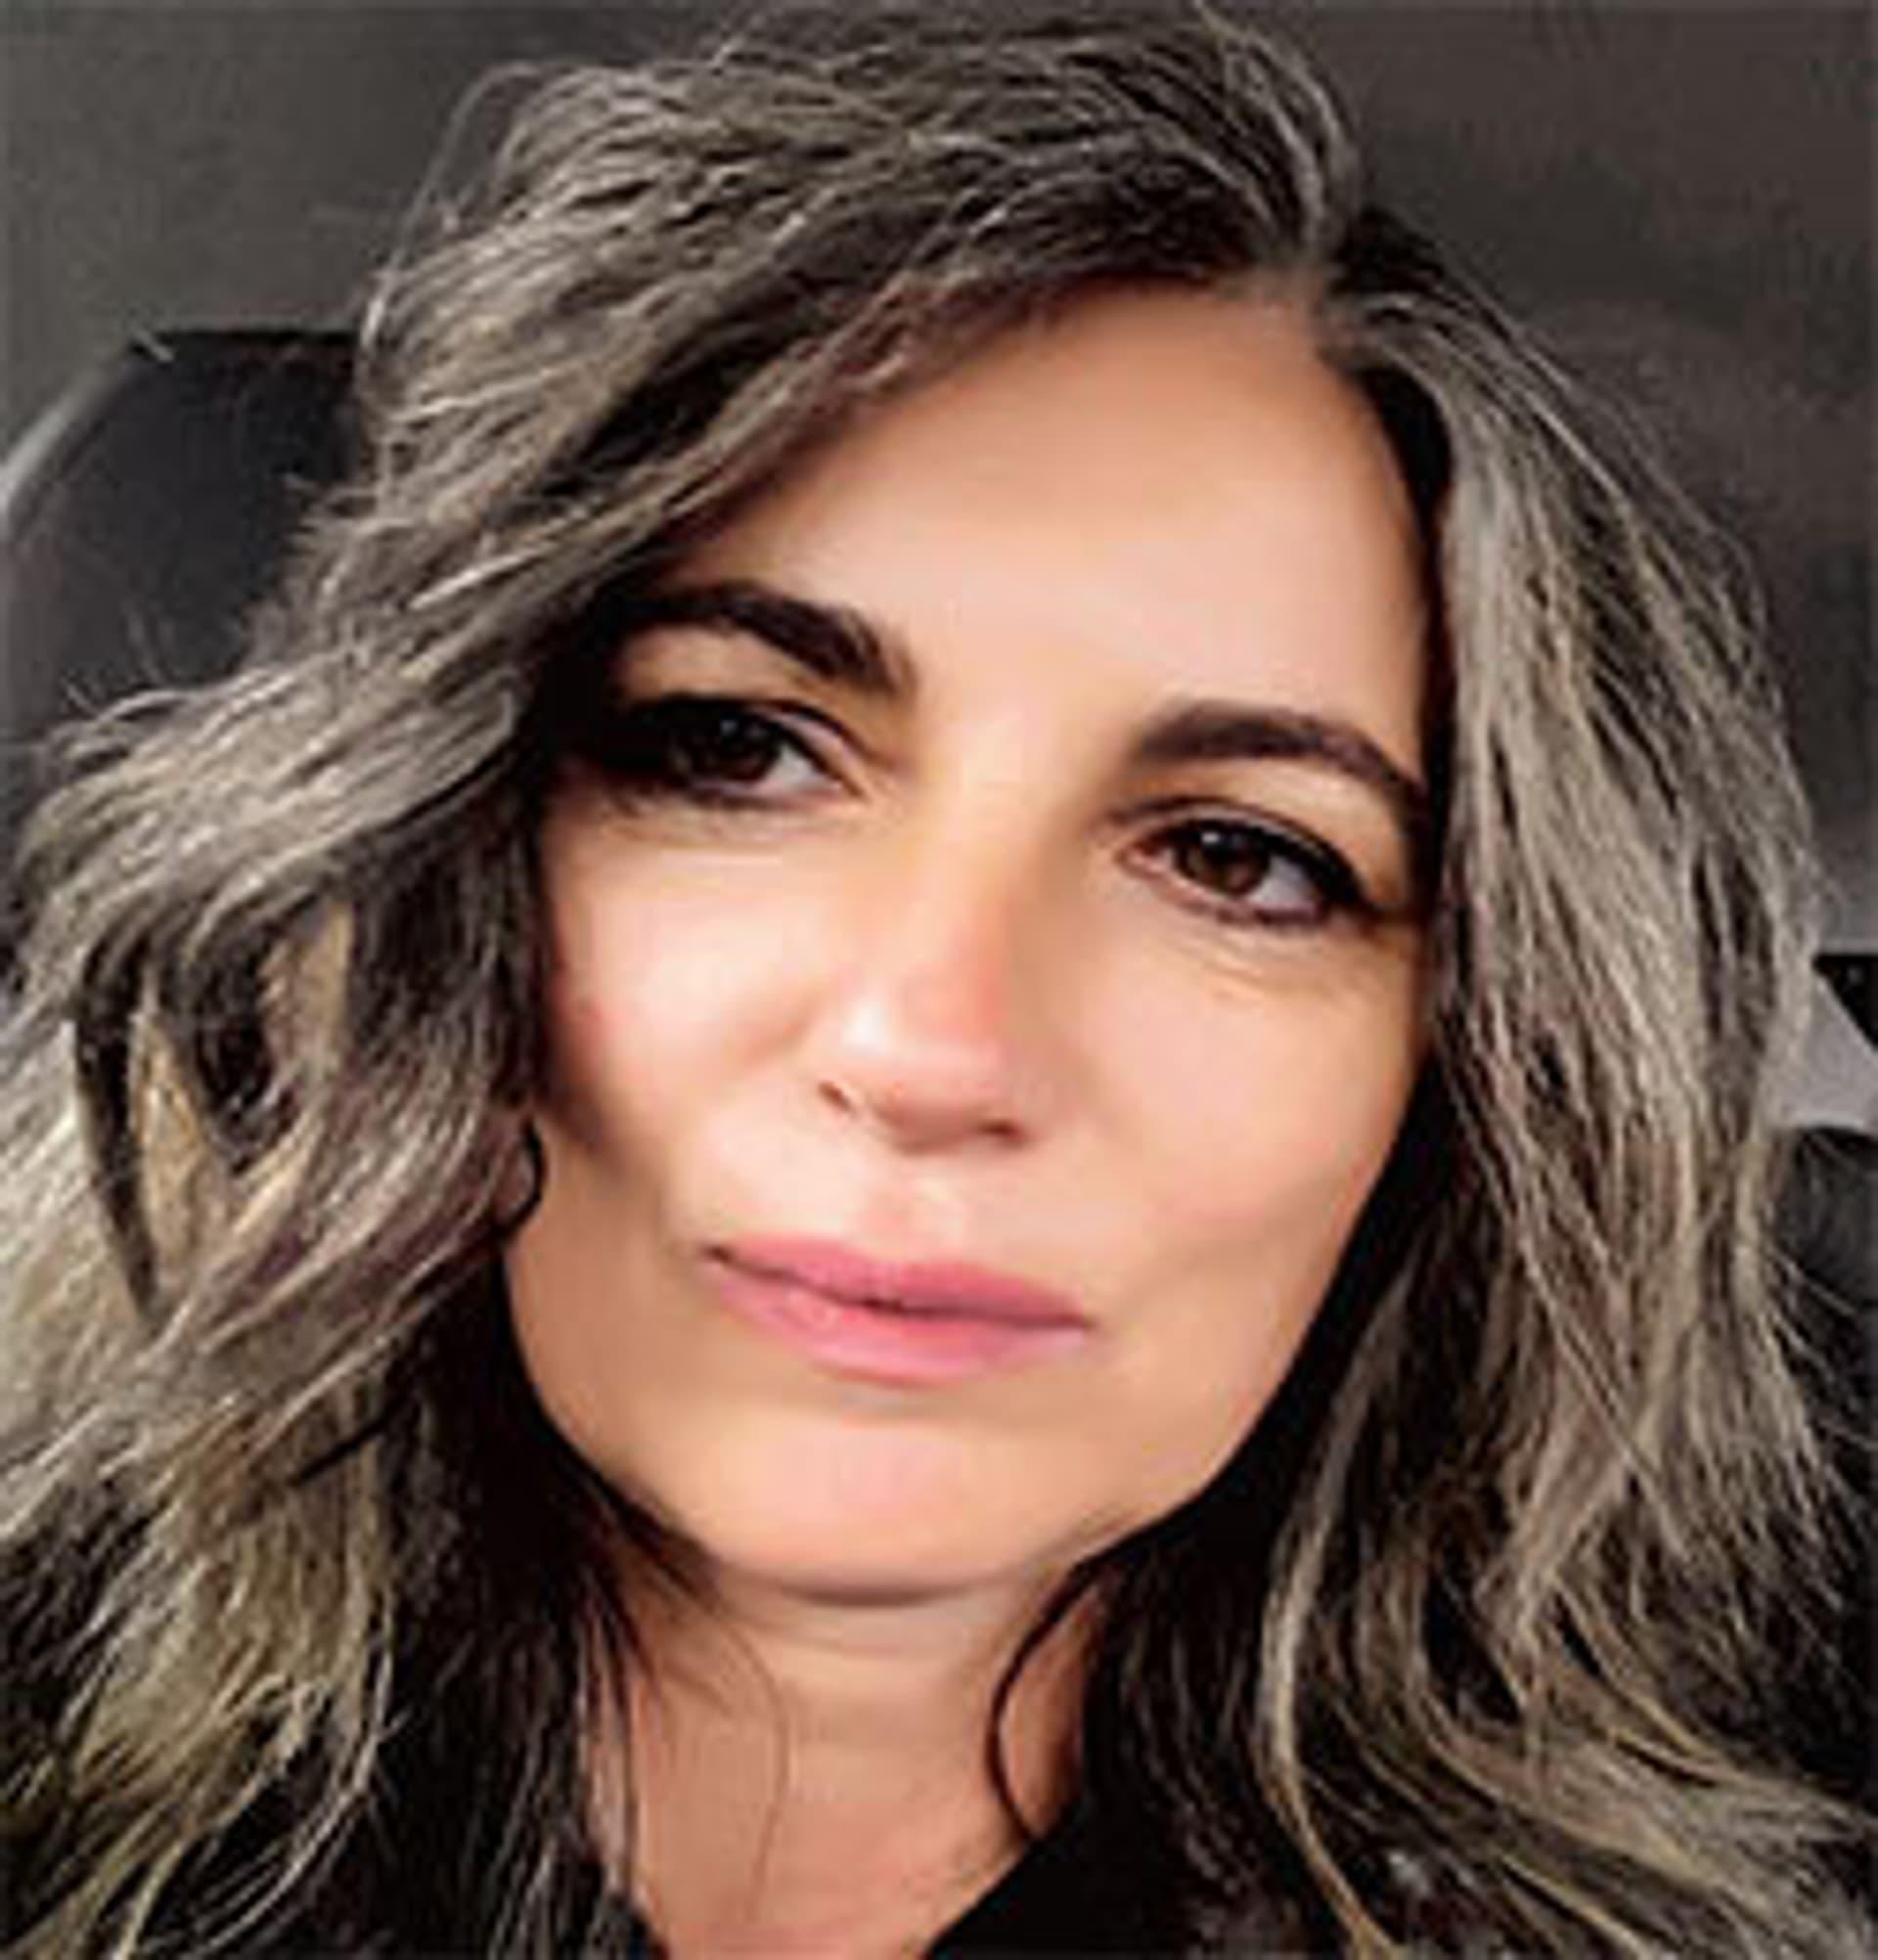 Claudia Ehle